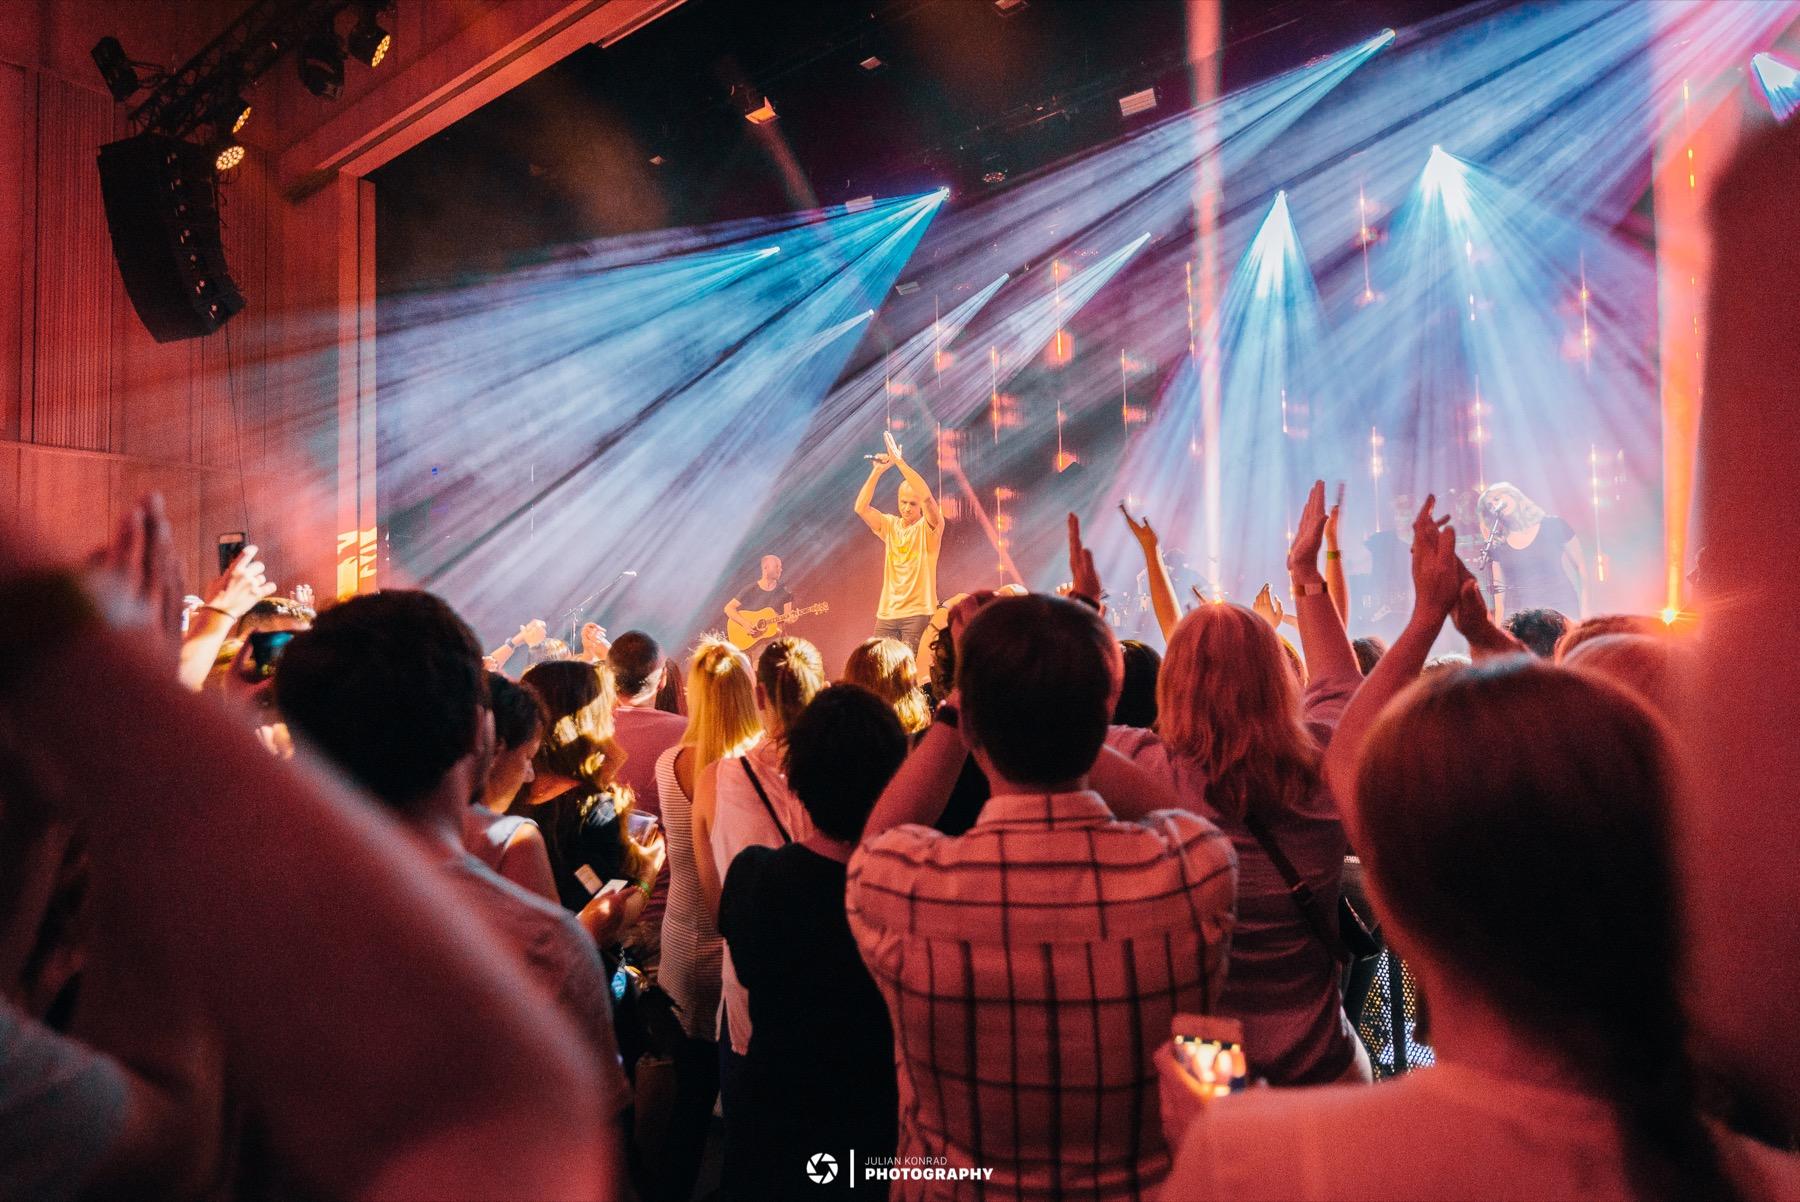 Publikum mit hochgehaltenen Händen am FL1 Life in Schaan 2018